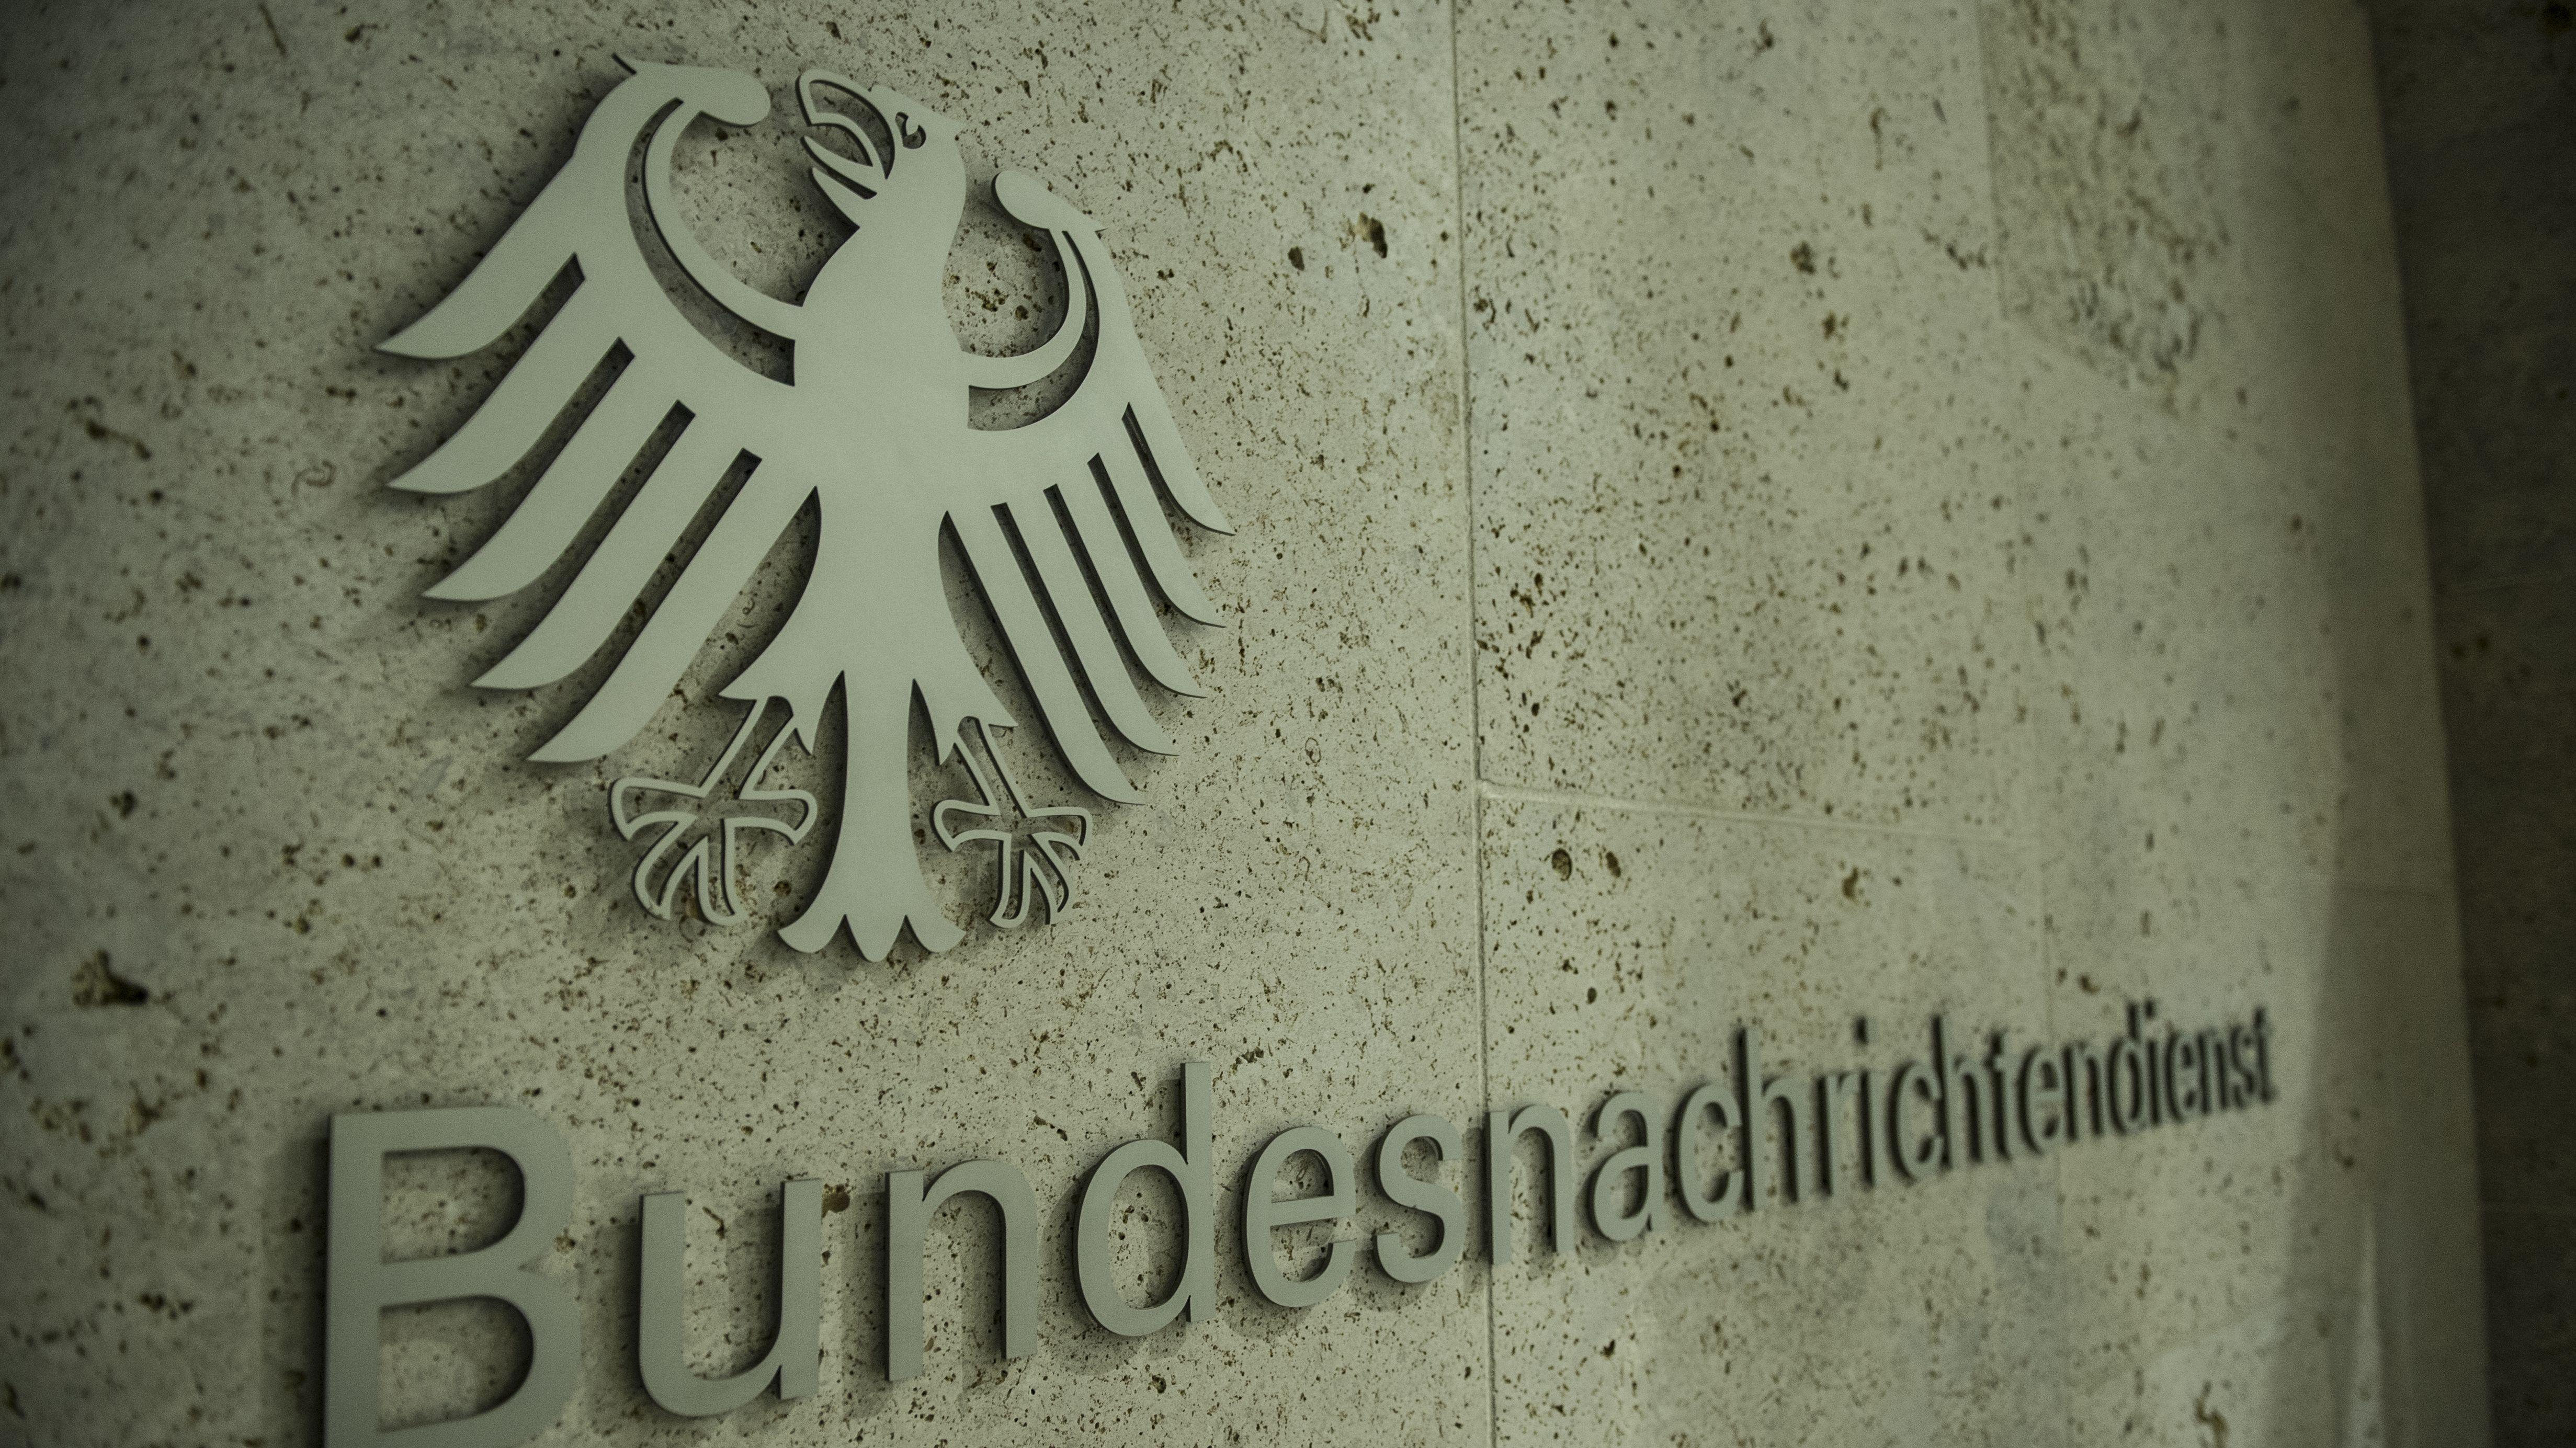 Bundesnachrichtendienst in Berlin